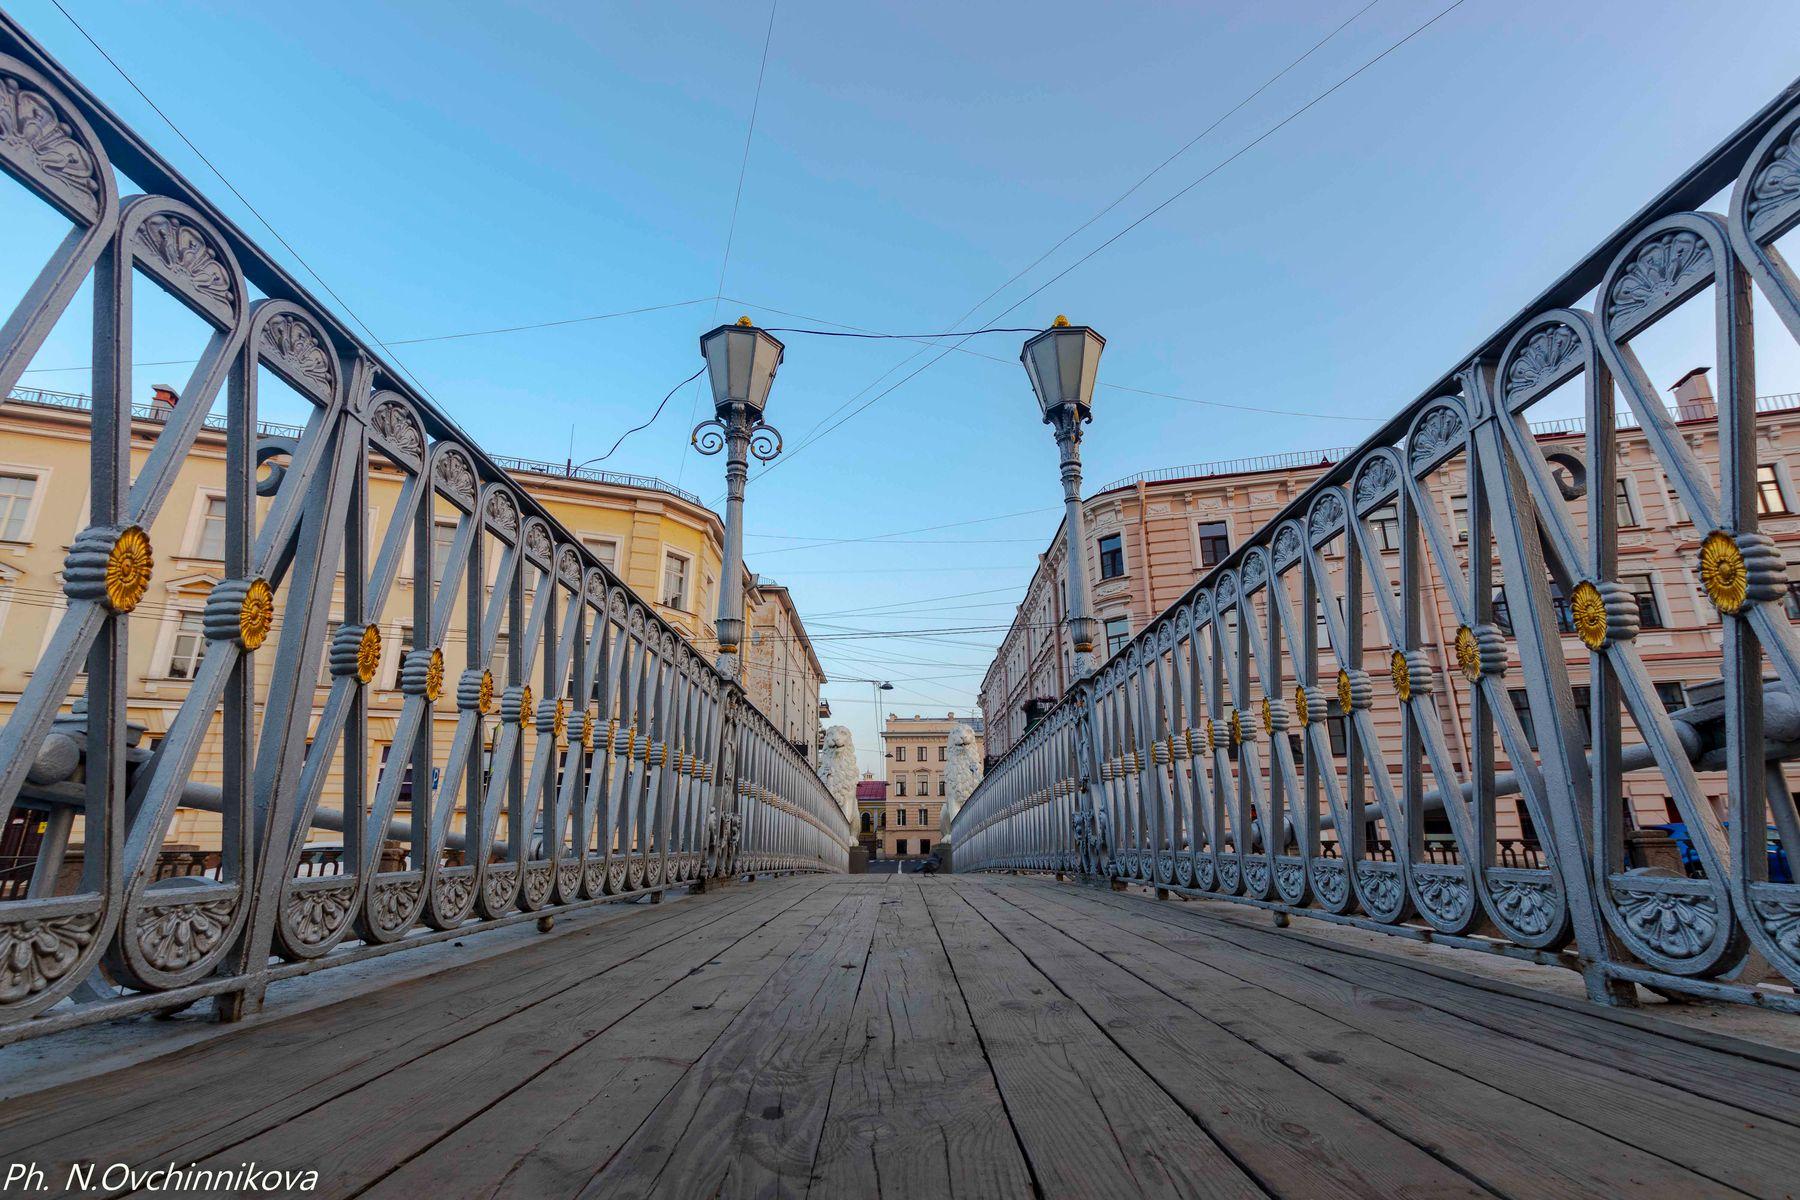 Львиный мост Санкт-Петербург Львиный мост мостик канал Грибоедова Питер центр львы фонари